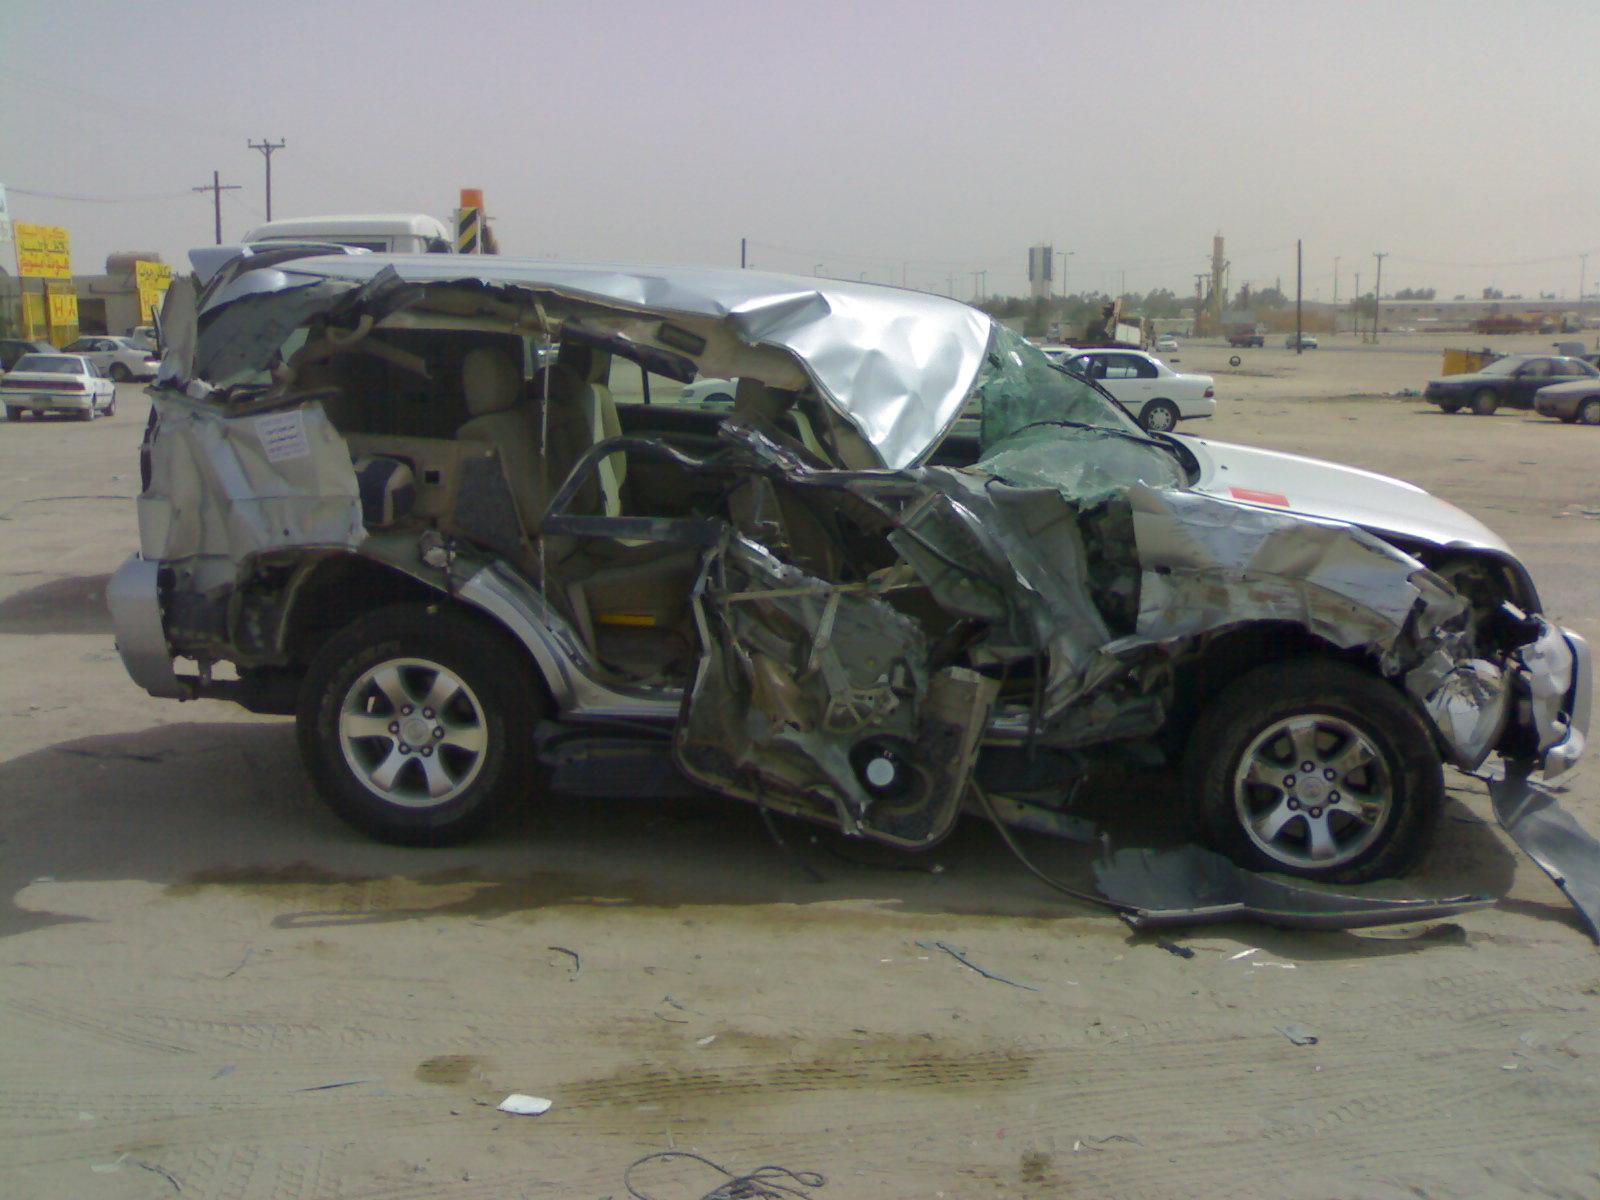 بالصور صور حوادث سيارات , صورة سيارات مدمرة من حوادث الطرق 1228 2